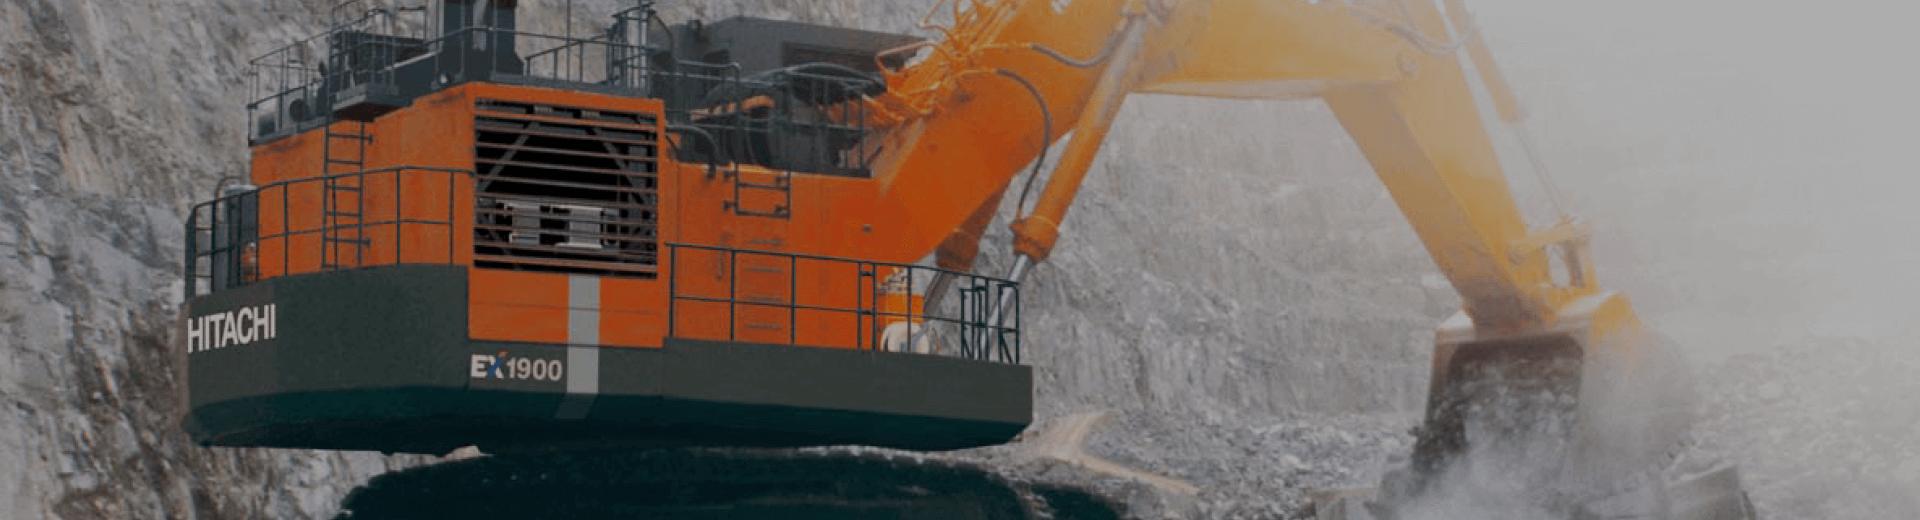 Mining Excavators EX 1900-6